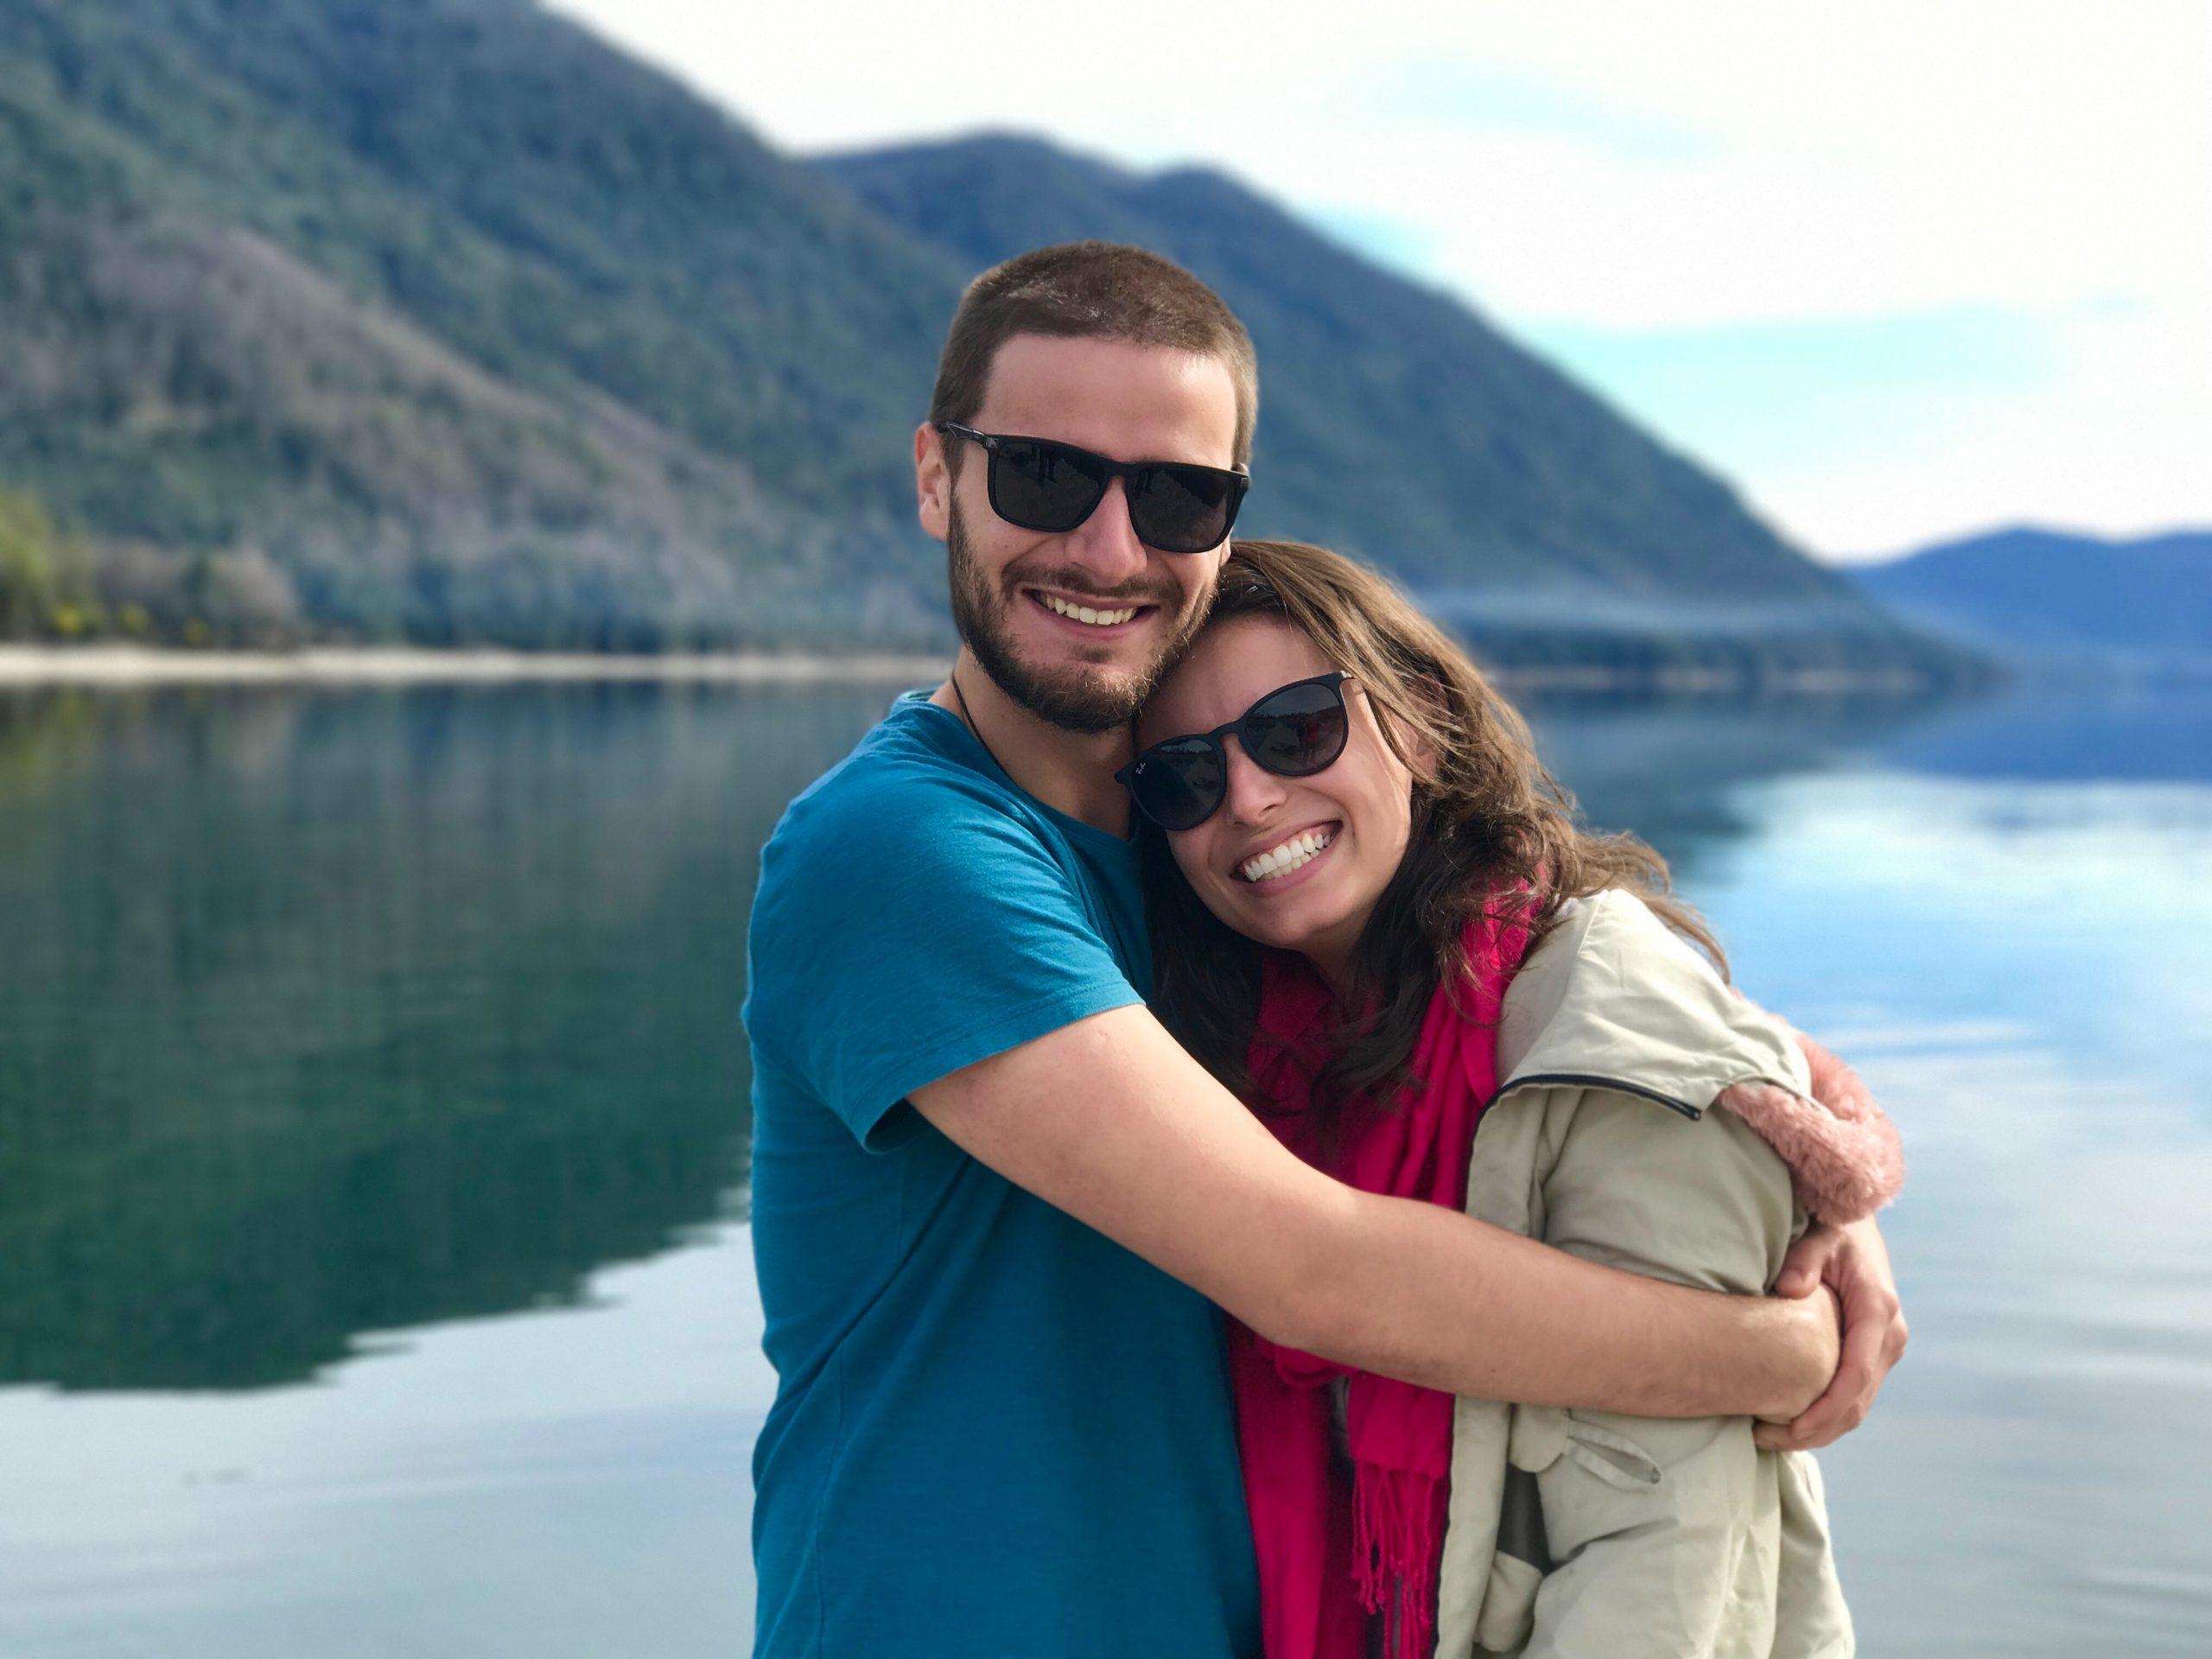 couple hugging at a lake